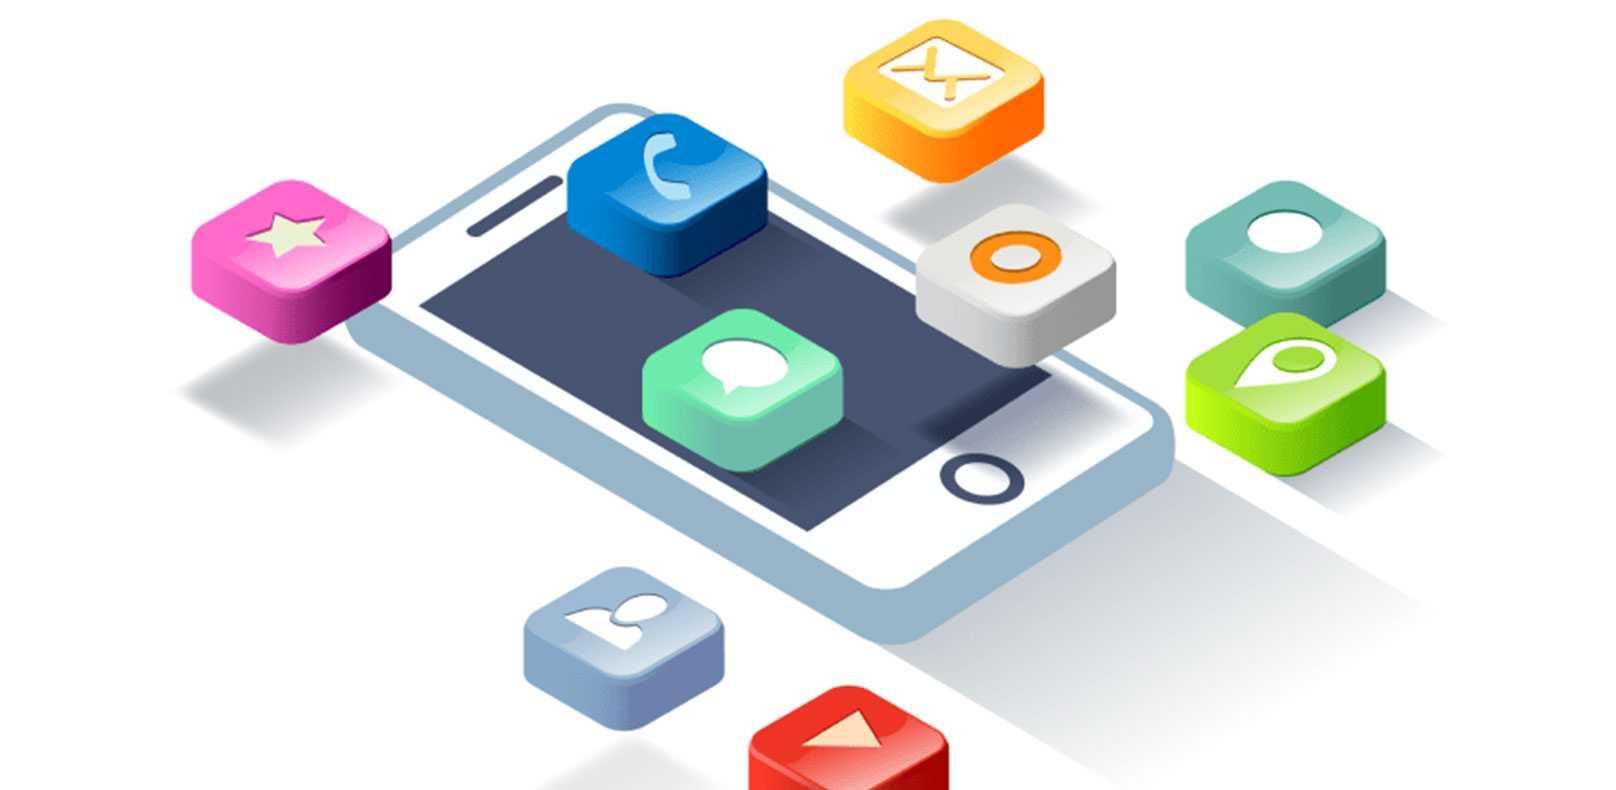 In-app advertising guide DSP